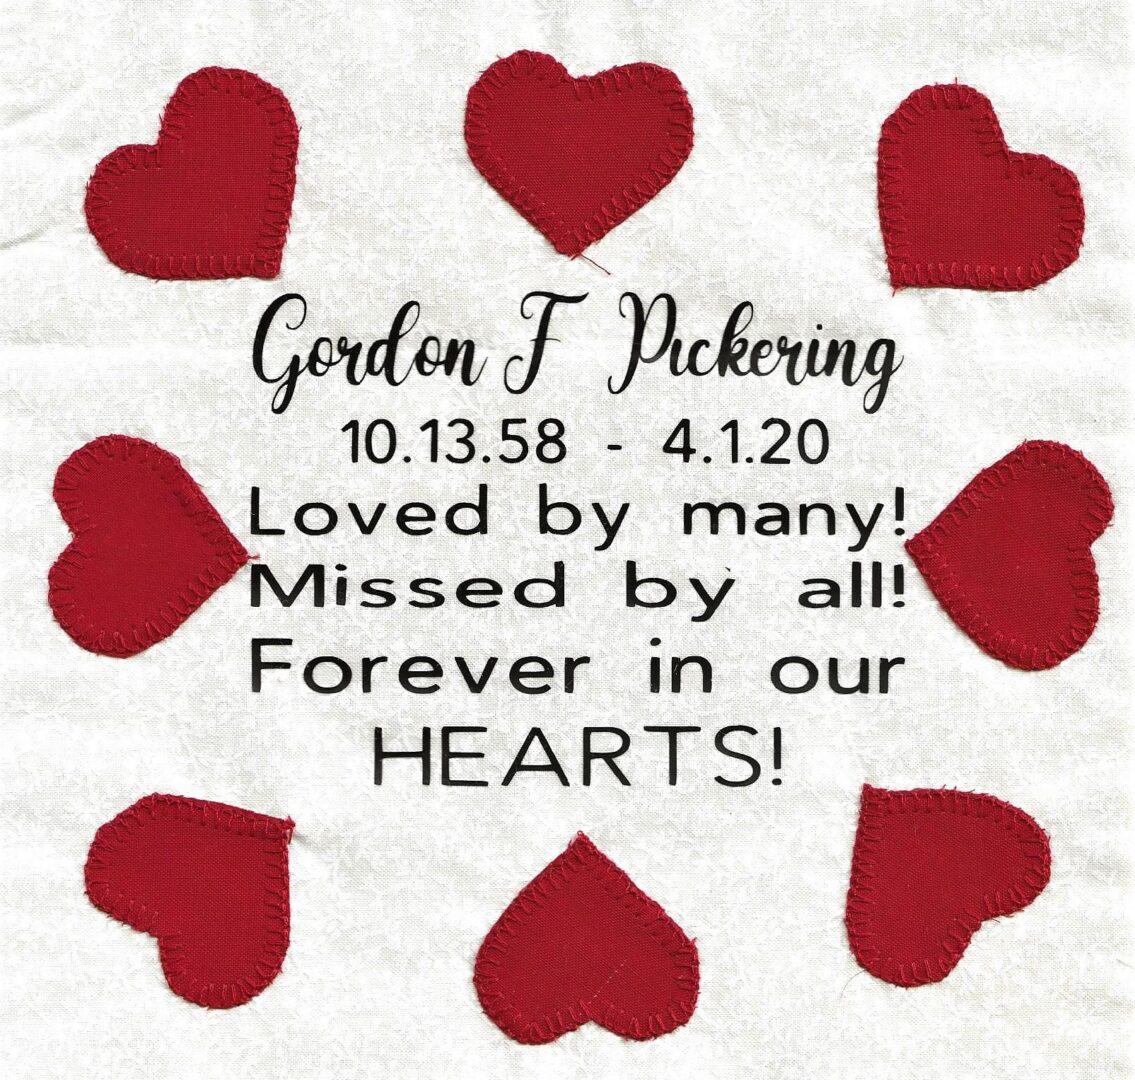 IN MEMORY OF GORDON F. PICKERING - 10/13/58 - 4/1/20